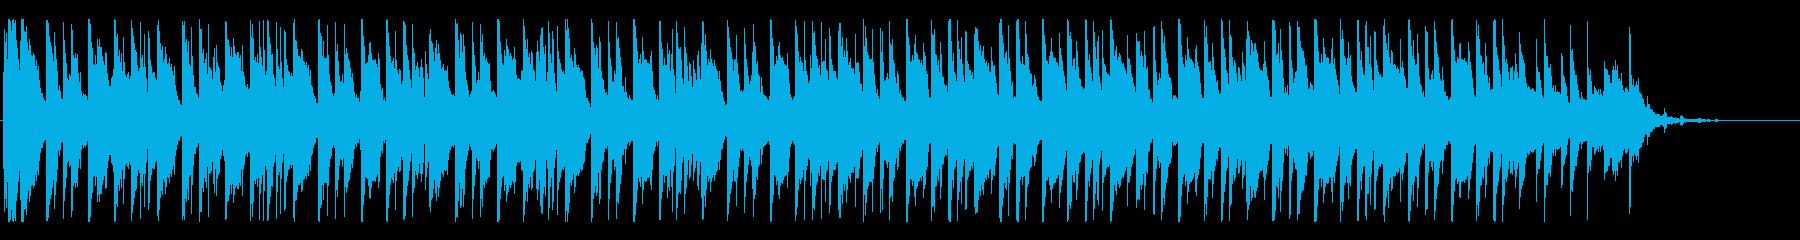 『ニュースに使いたい』エレクトロ風ビートの再生済みの波形